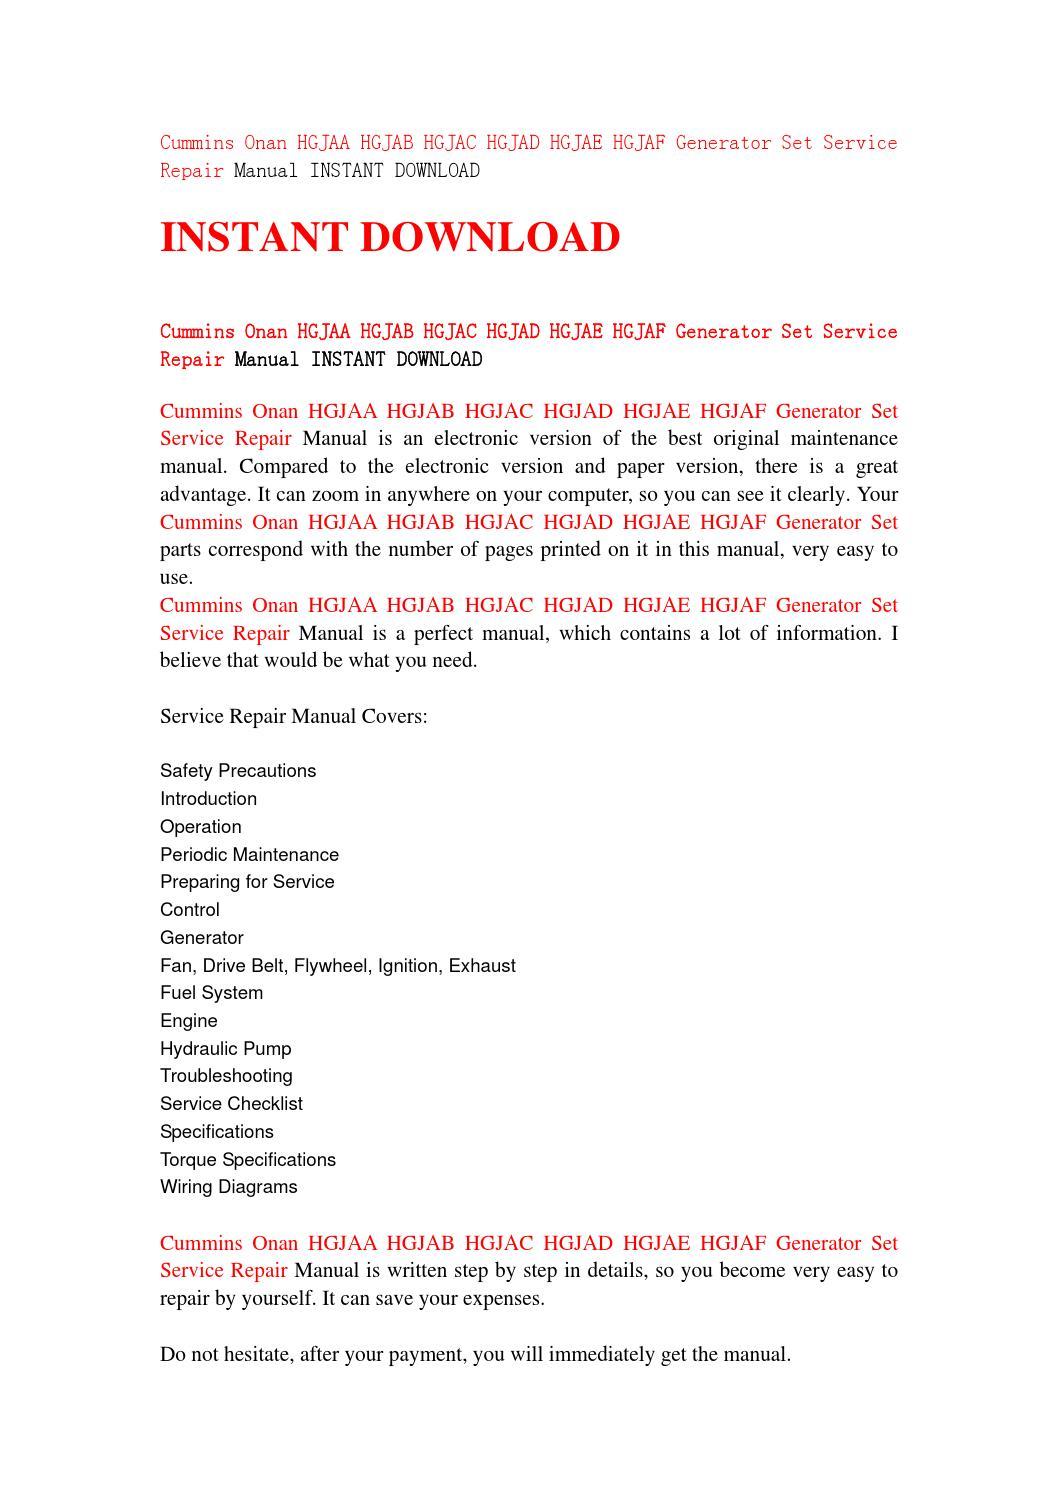 Onan generator Manual Download hgjab